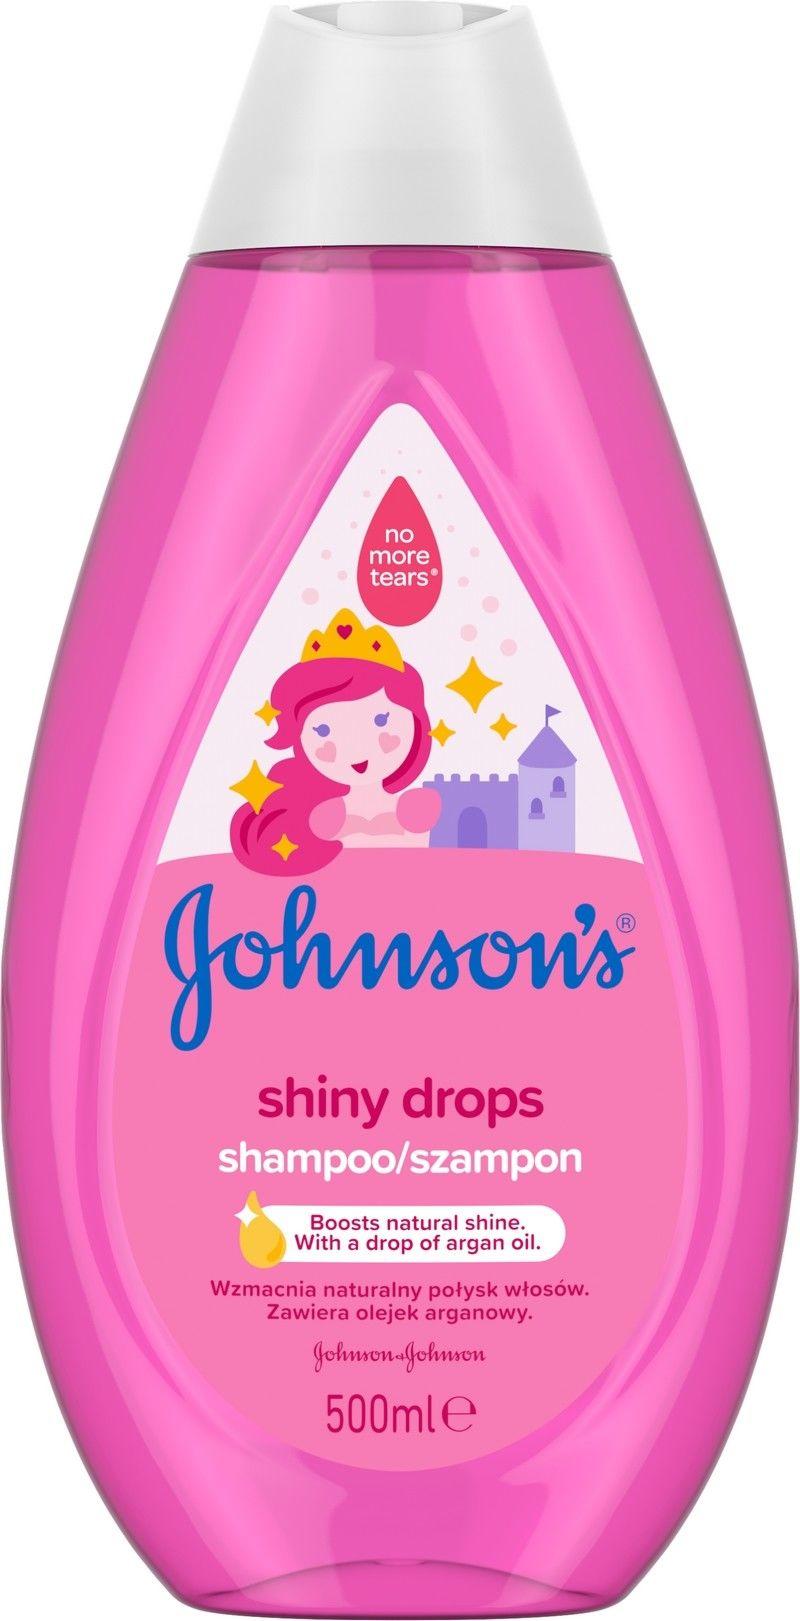 Johnson''s Baby Shiny Drops Szampon 500ml